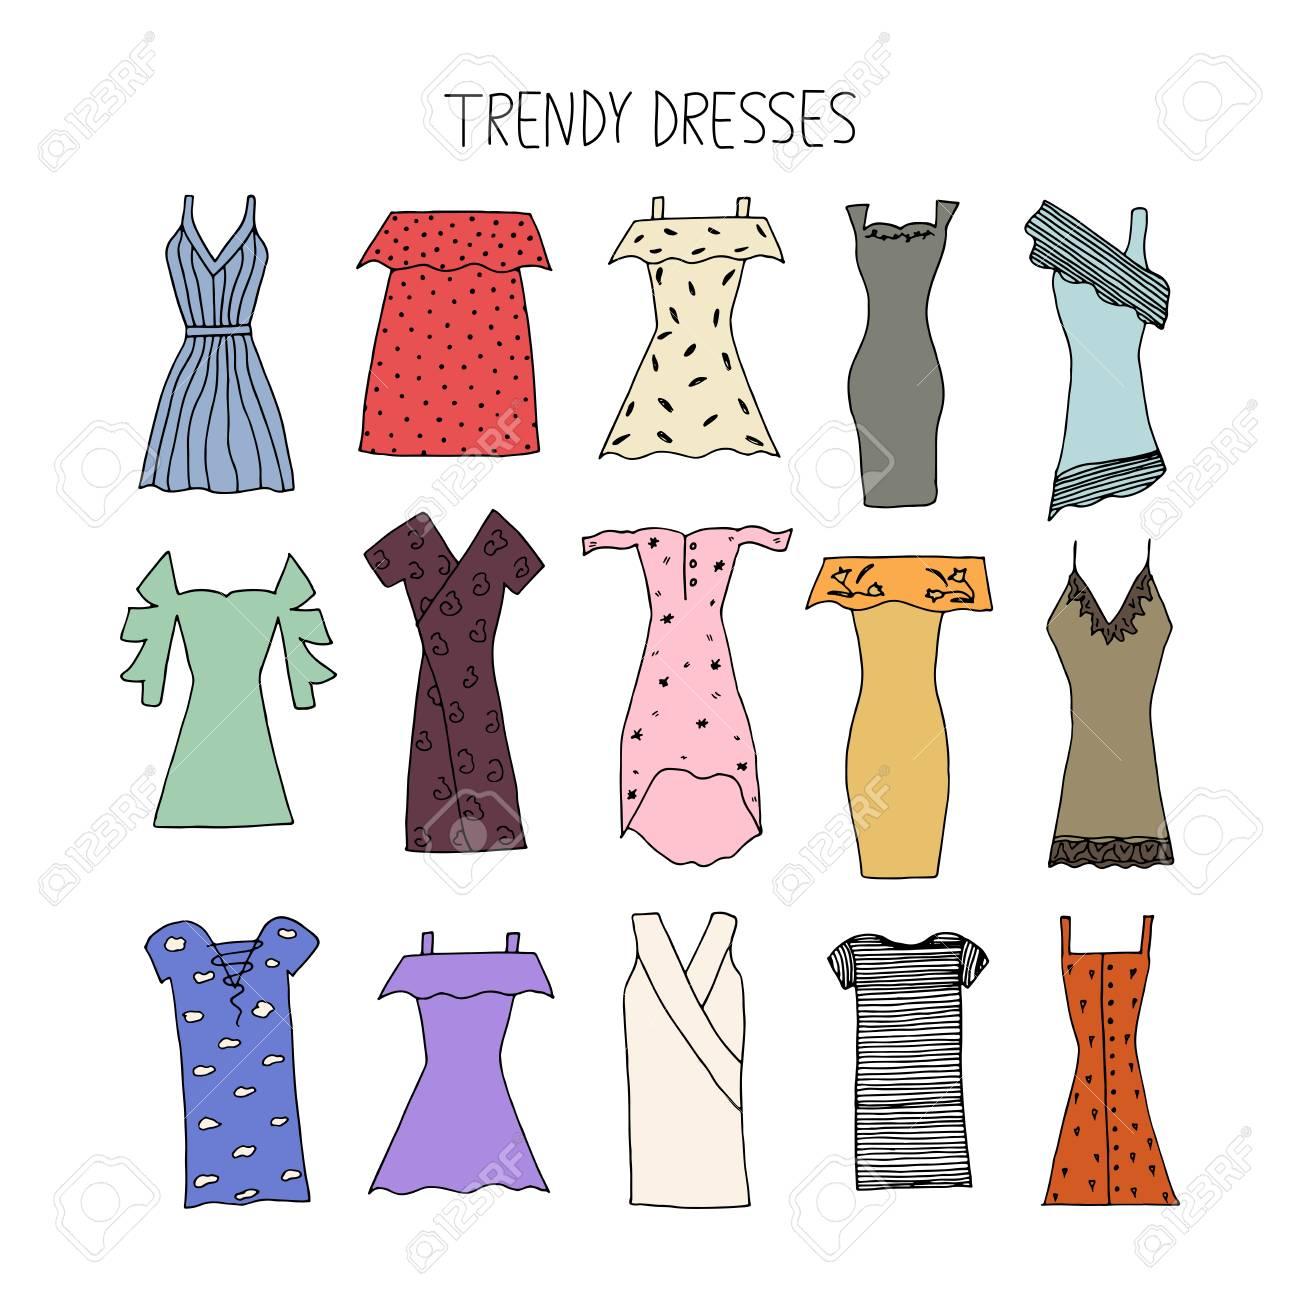 Mano Dibuja El Concepto De Diseño De Vestidos De Moda Vestidos De Moda Con Tira Vendaje Lunares Hombros Fríos Bordados Encajes Verano De 2017